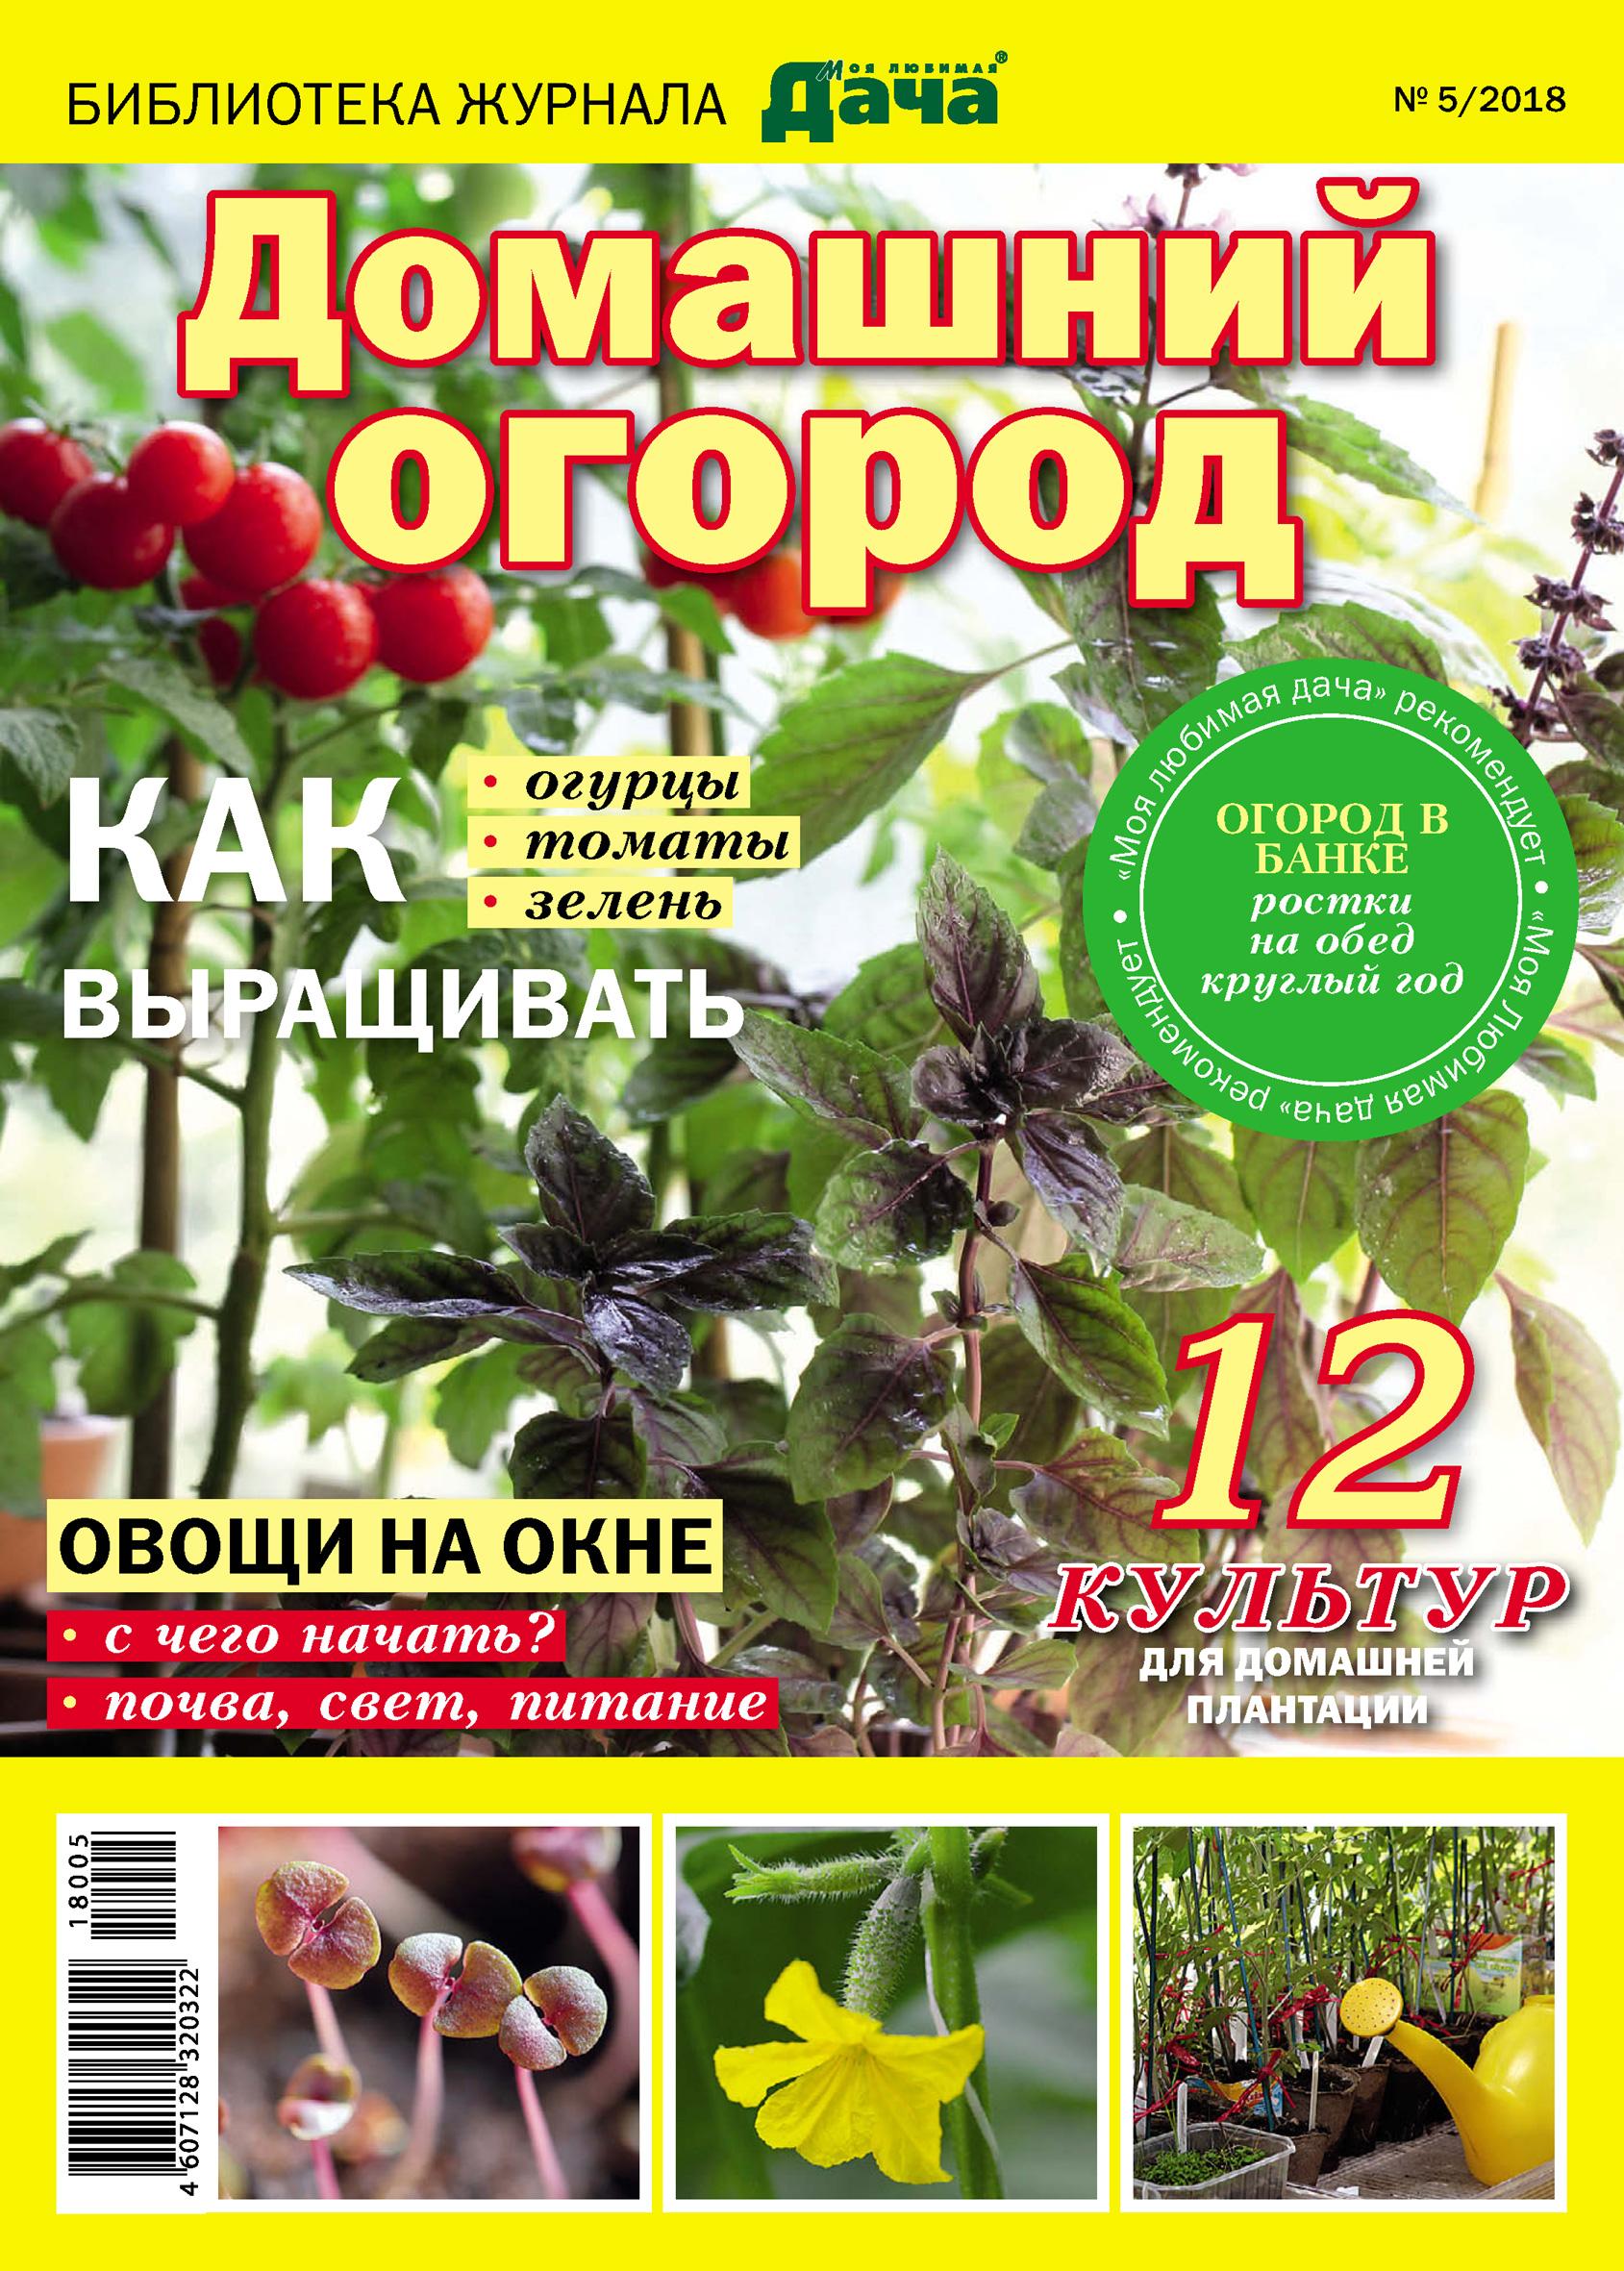 Библиотека журнала «Моя любимая дача» №05/2018. Домашний огород